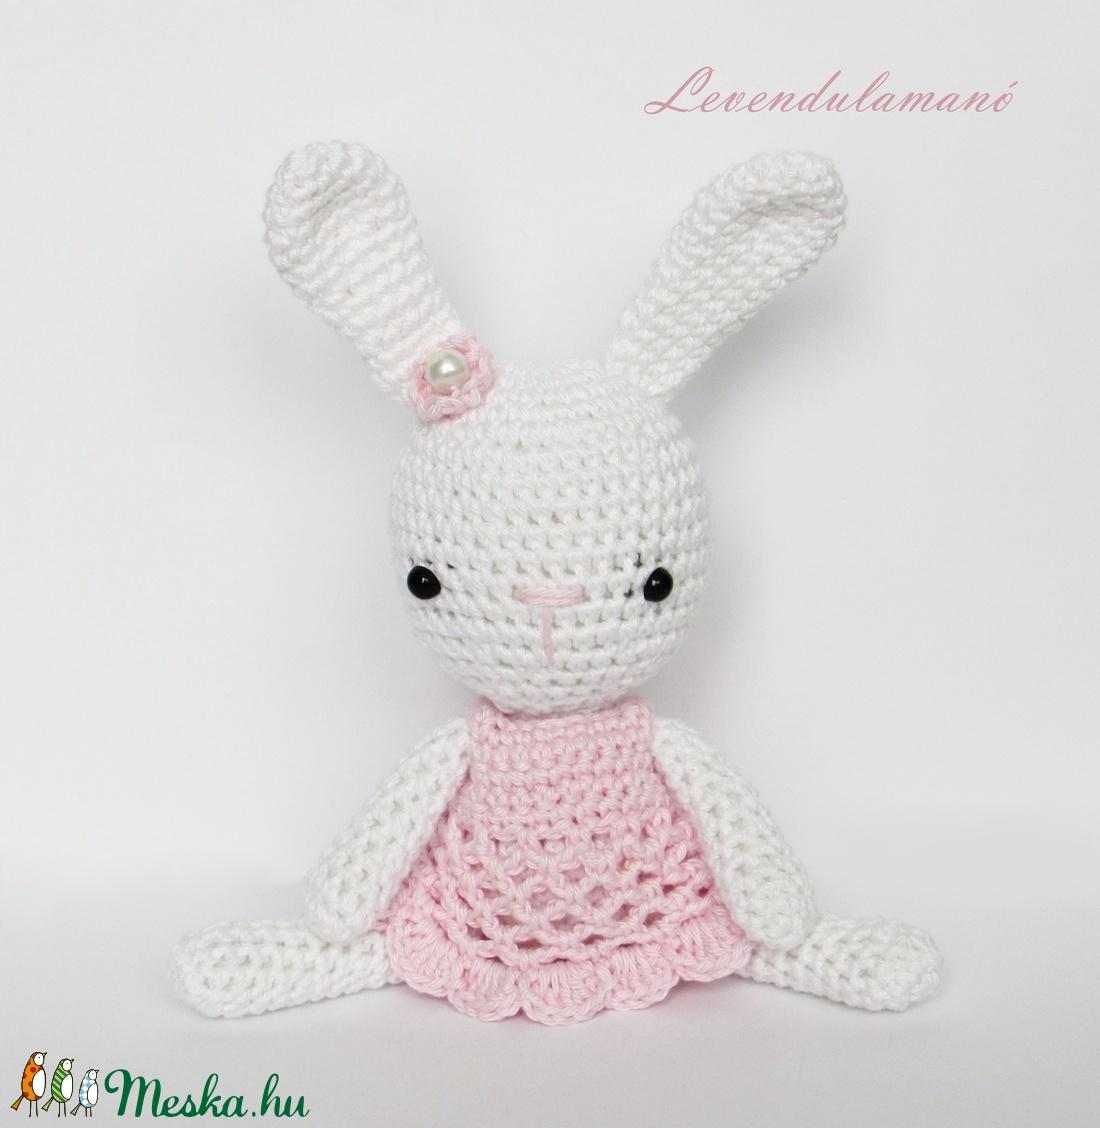 Horgolt nyuszilány rózsaszín ruhában (Levendulamano) - Meska.hu